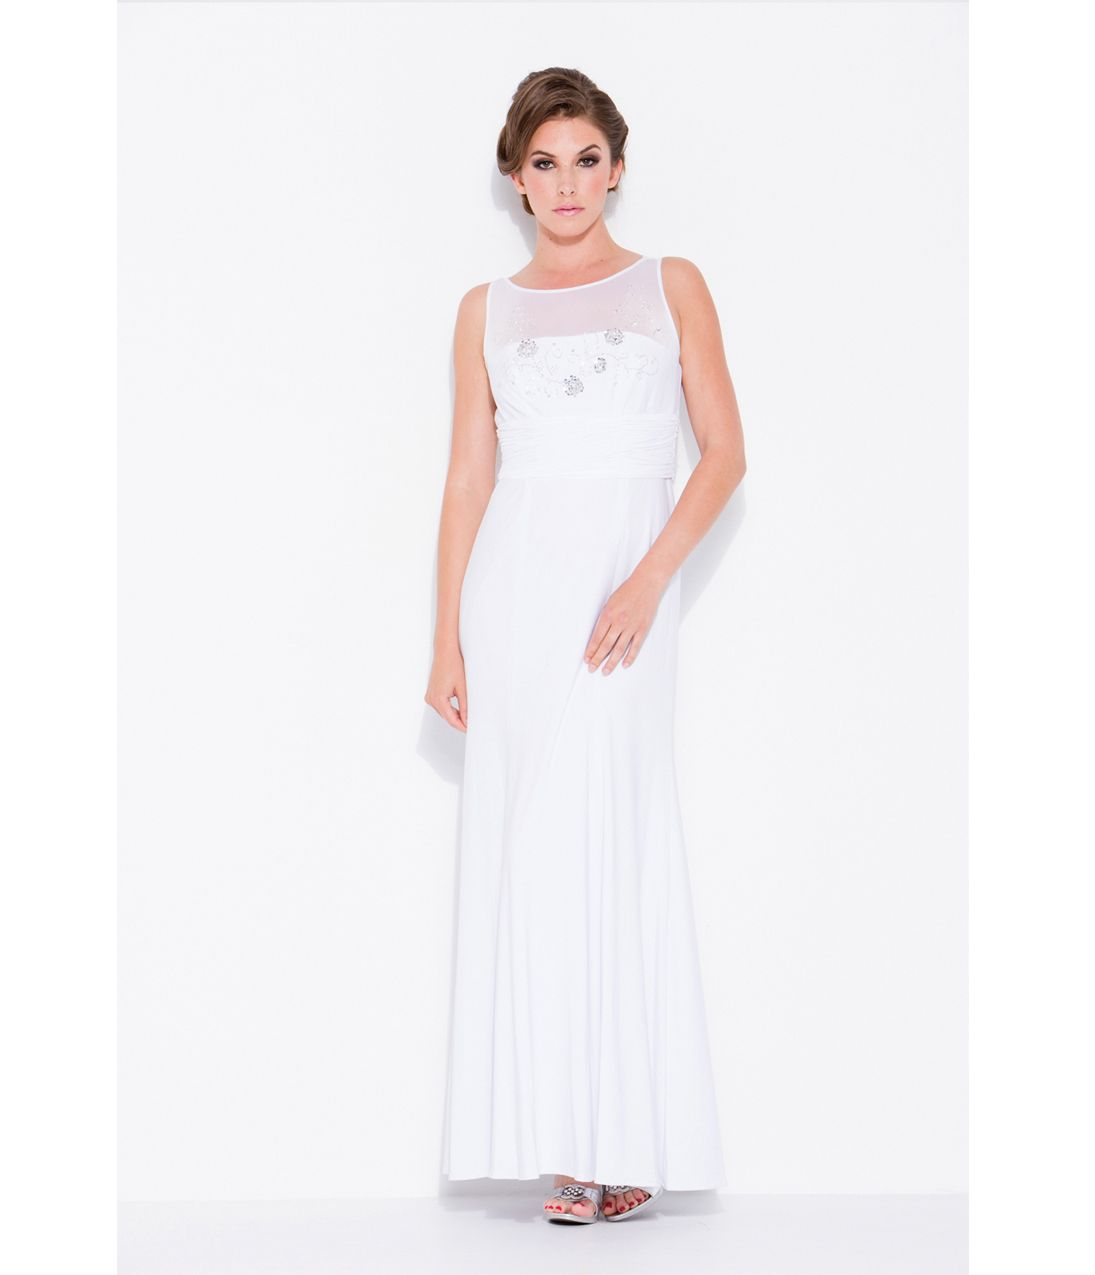 prom dresses white shear chiffon modest prom dress unique